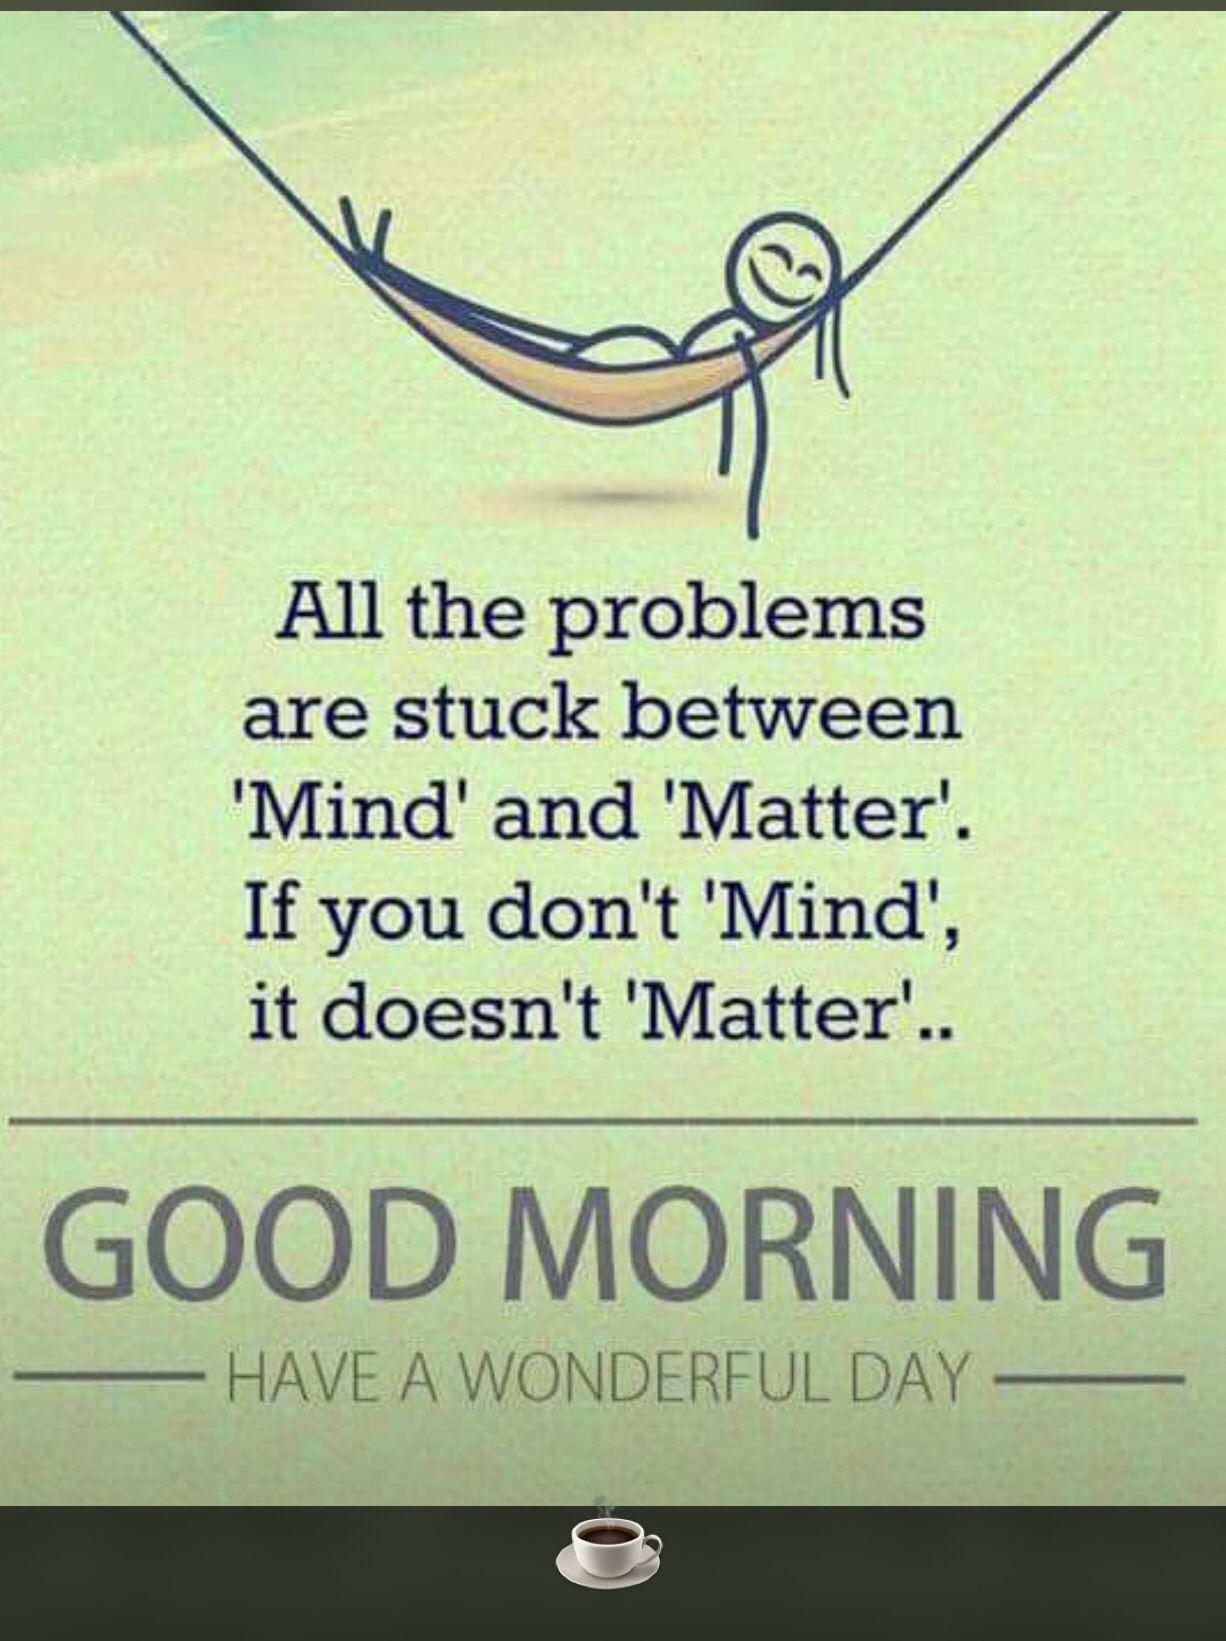 Pinterest Cutipieanu Morning Inspirational Quotes Good Morning Quotes For Him Good Morning Inspirational Quotes